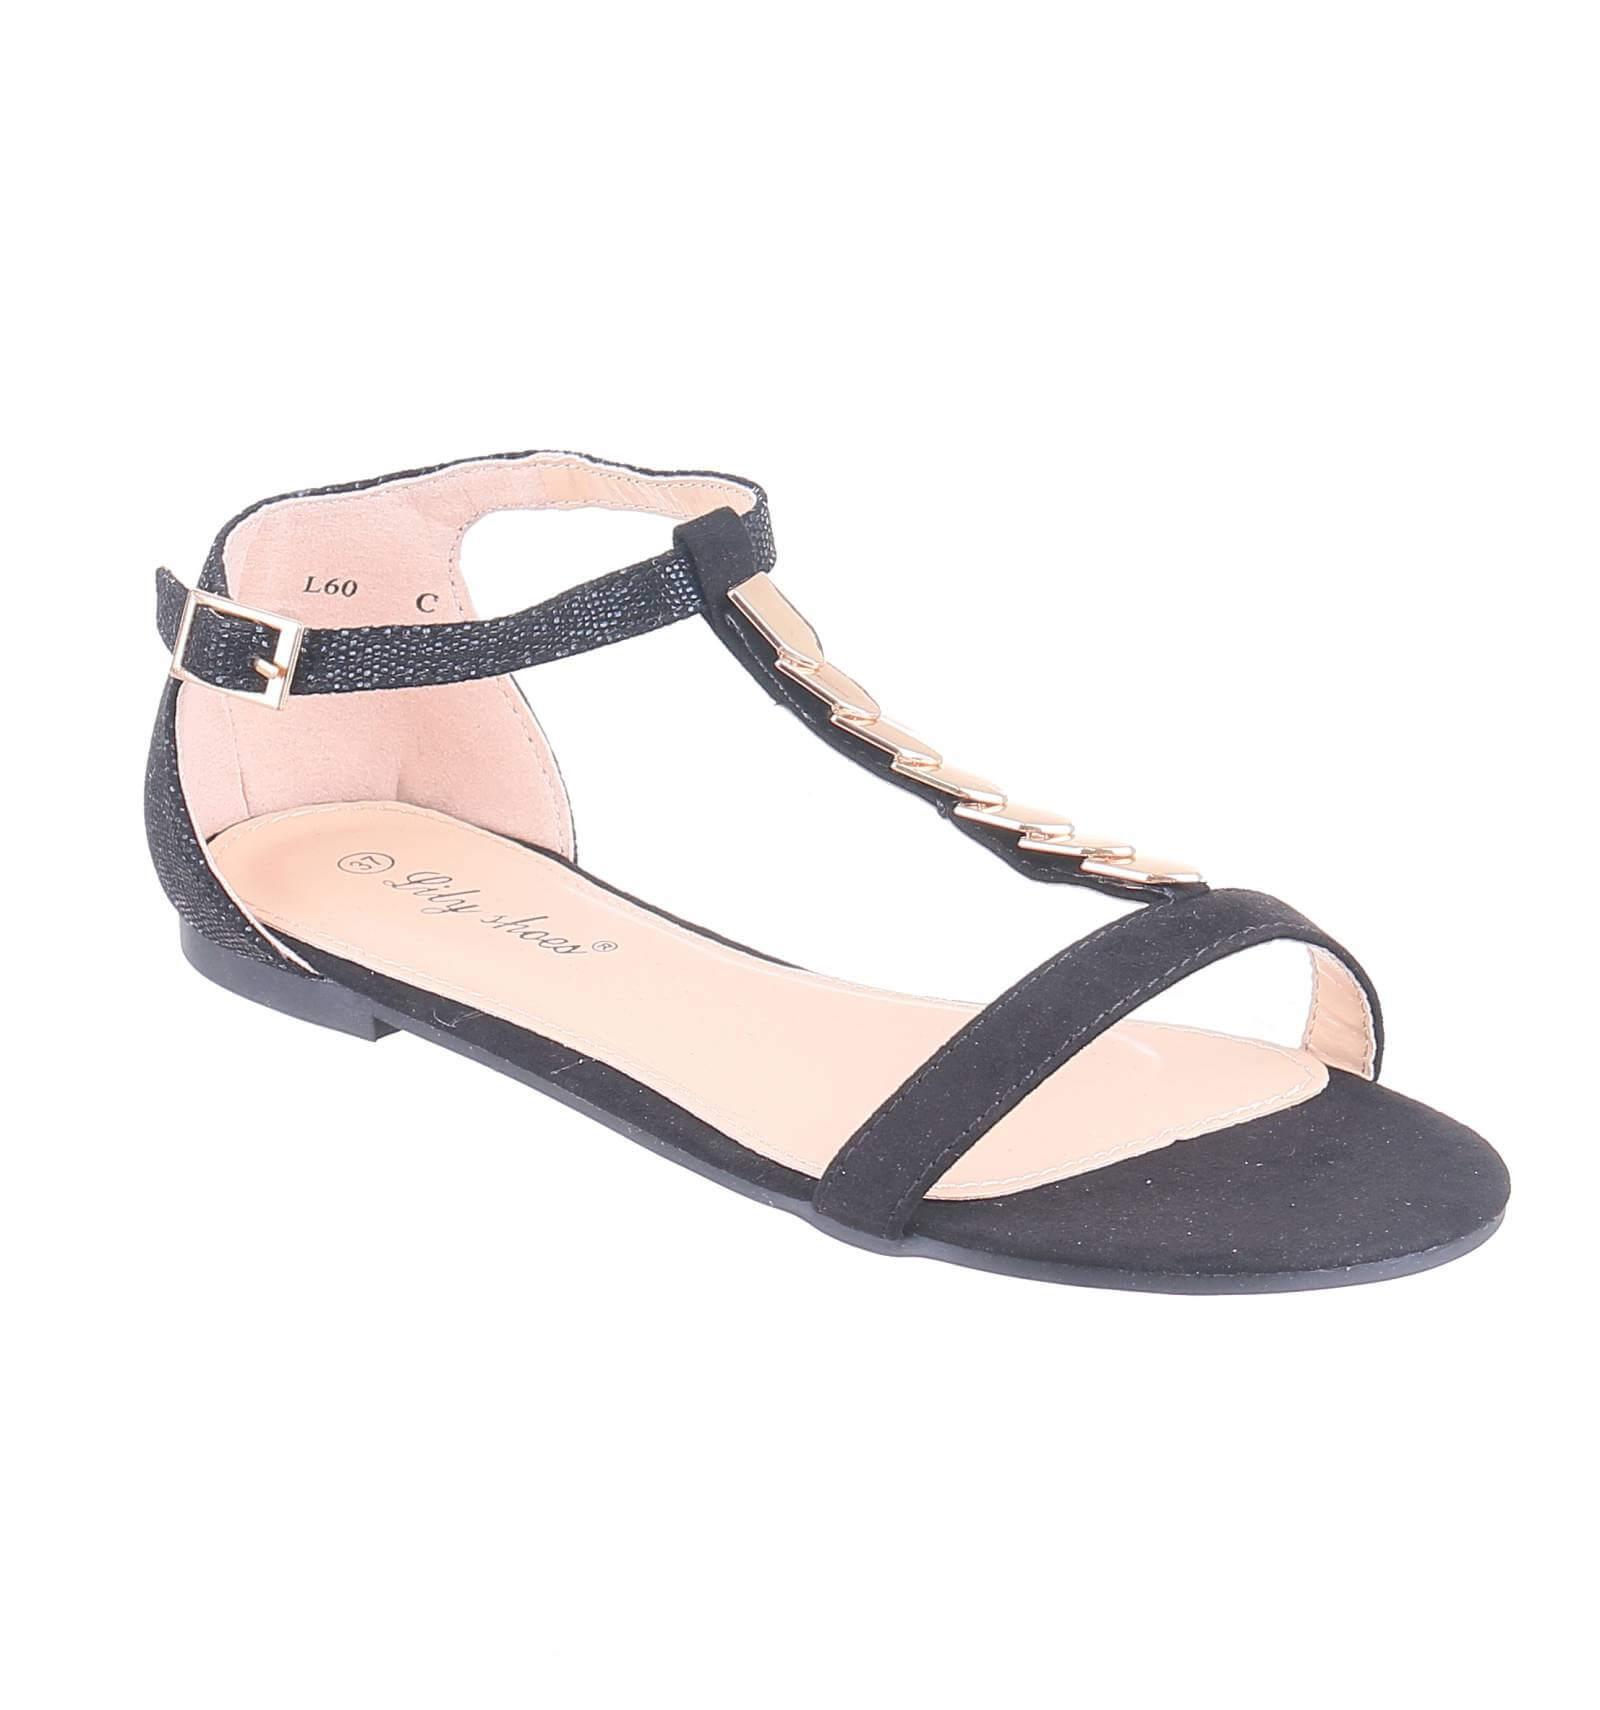 sélection premium 9ffc9 dc644 Sandale femme plate simili cuir serpent noir avec mailles ...